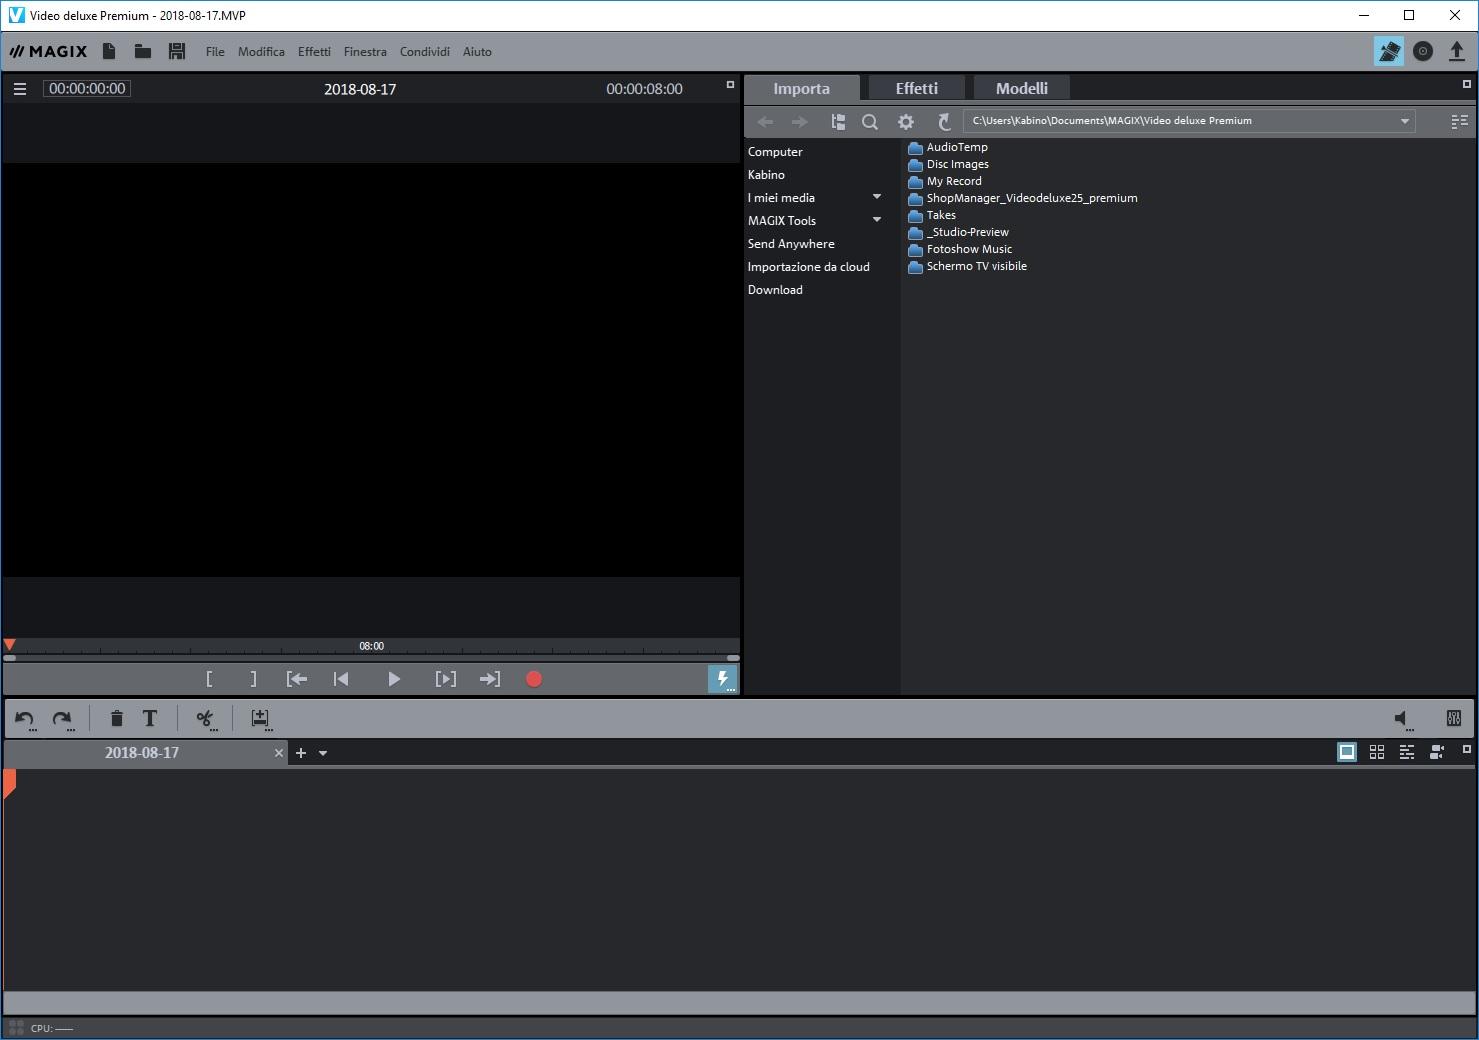 MAGIX Video deluxe Premium 2020 v19.0.2.58 64 Bit - ITA